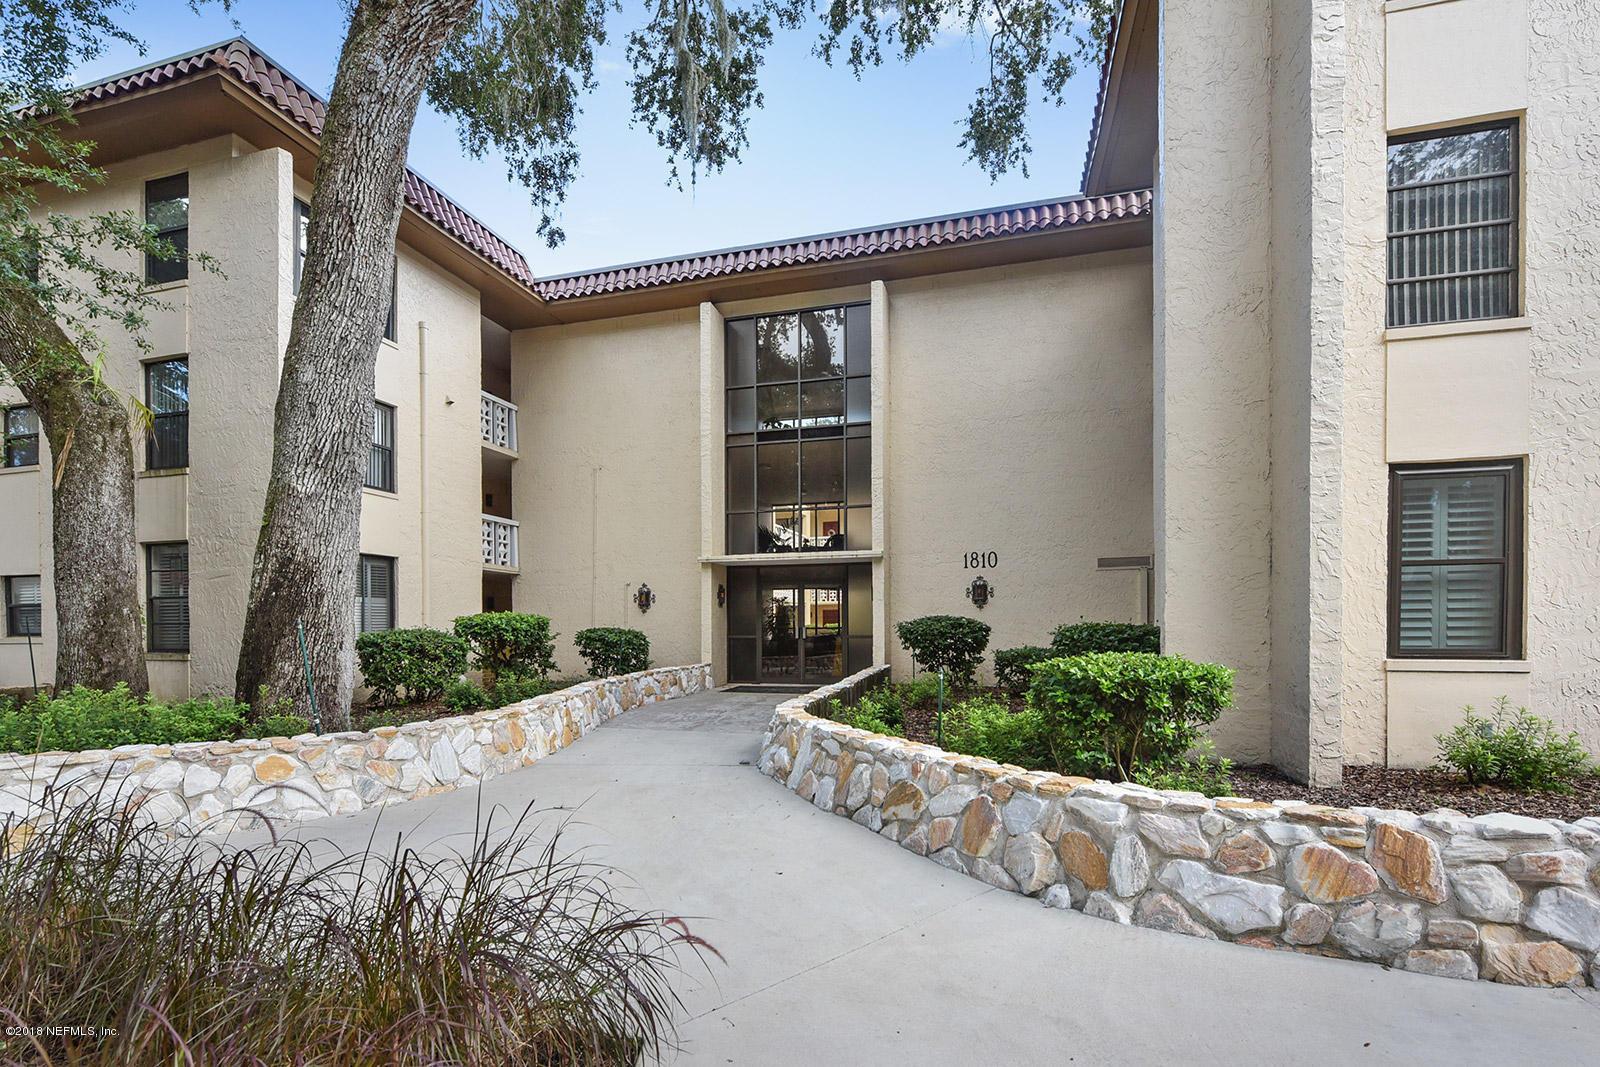 1810 SEVILLA, ATLANTIC BEACH, FLORIDA 32233, 3 Bedrooms Bedrooms, ,3 BathroomsBathrooms,Residential - condos/townhomes,For sale,SEVILLA,951513